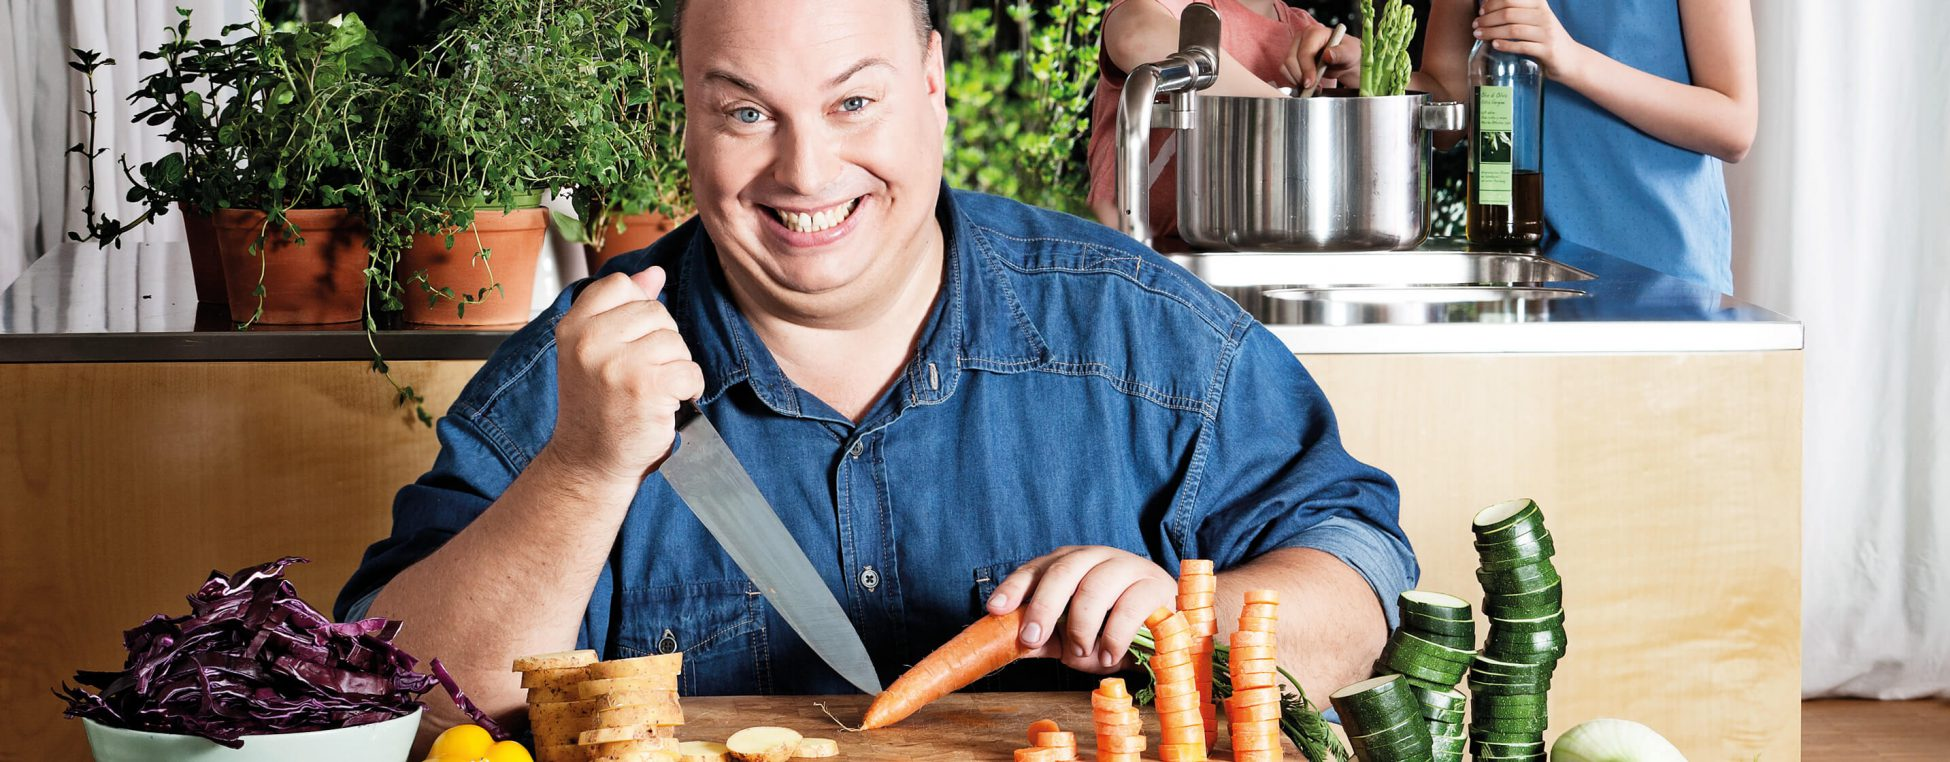 Korpulenter Mann mit Messer und Gemüse.